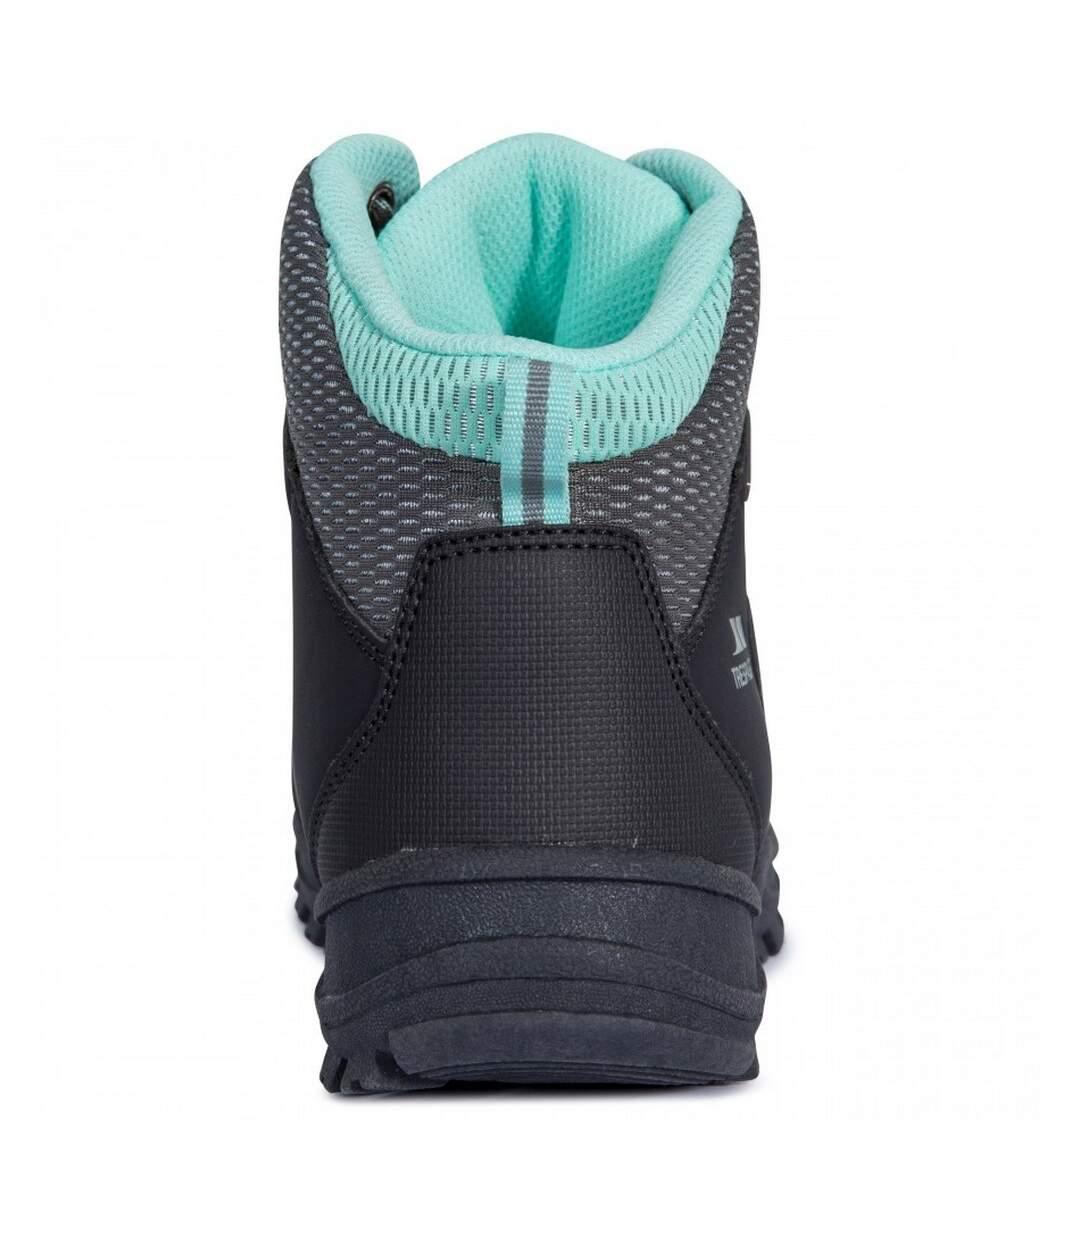 Grande Vente Trespass Chaussures De Randonnée Mitzi Femme Gris foncé 40 FR UTTP3374 dsf.d455nksdKLFHG